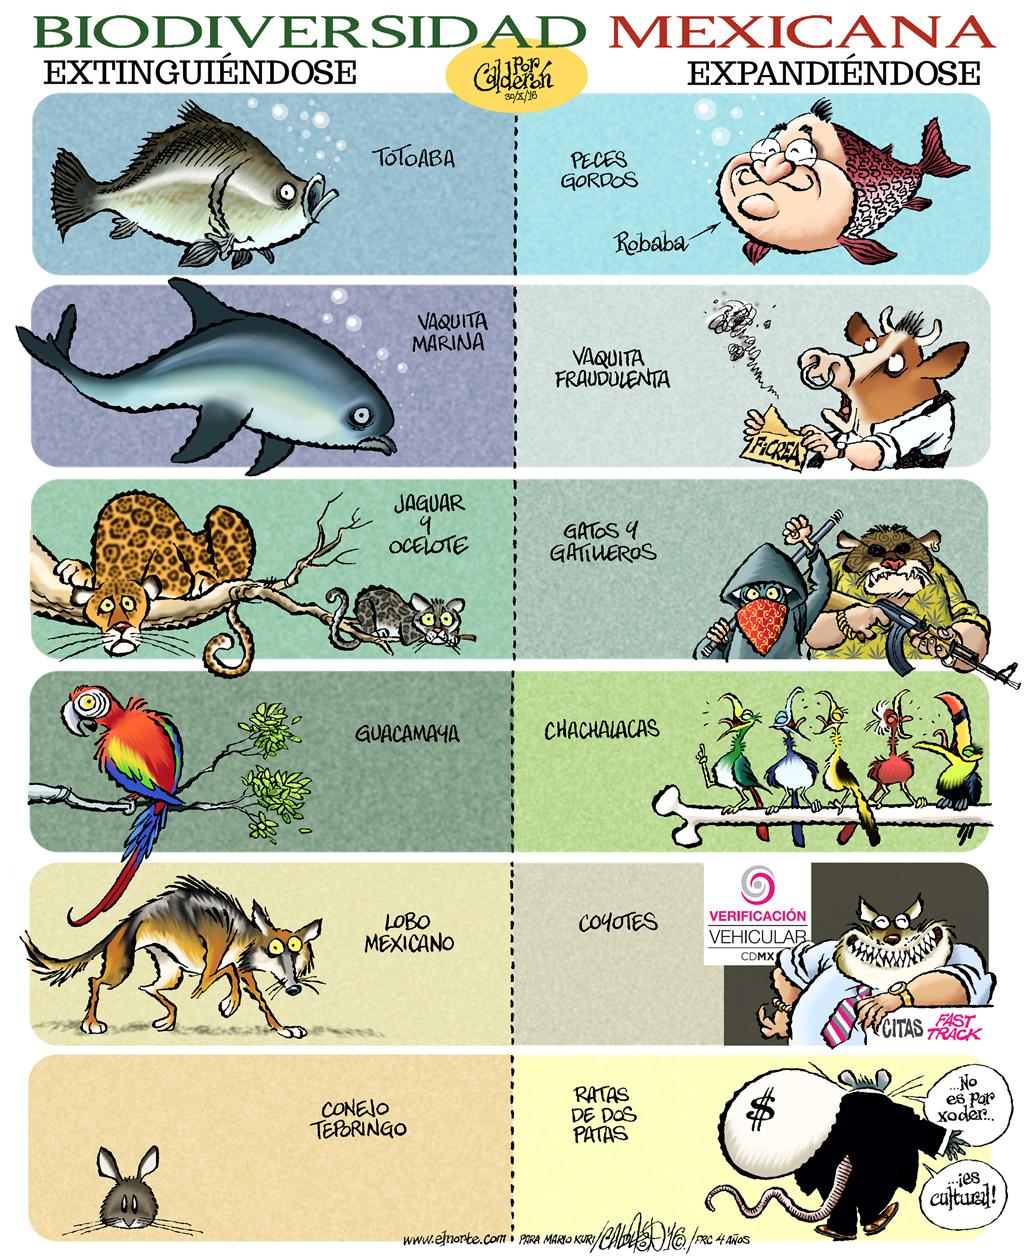 Biodiversidad Mexicana - Calderón